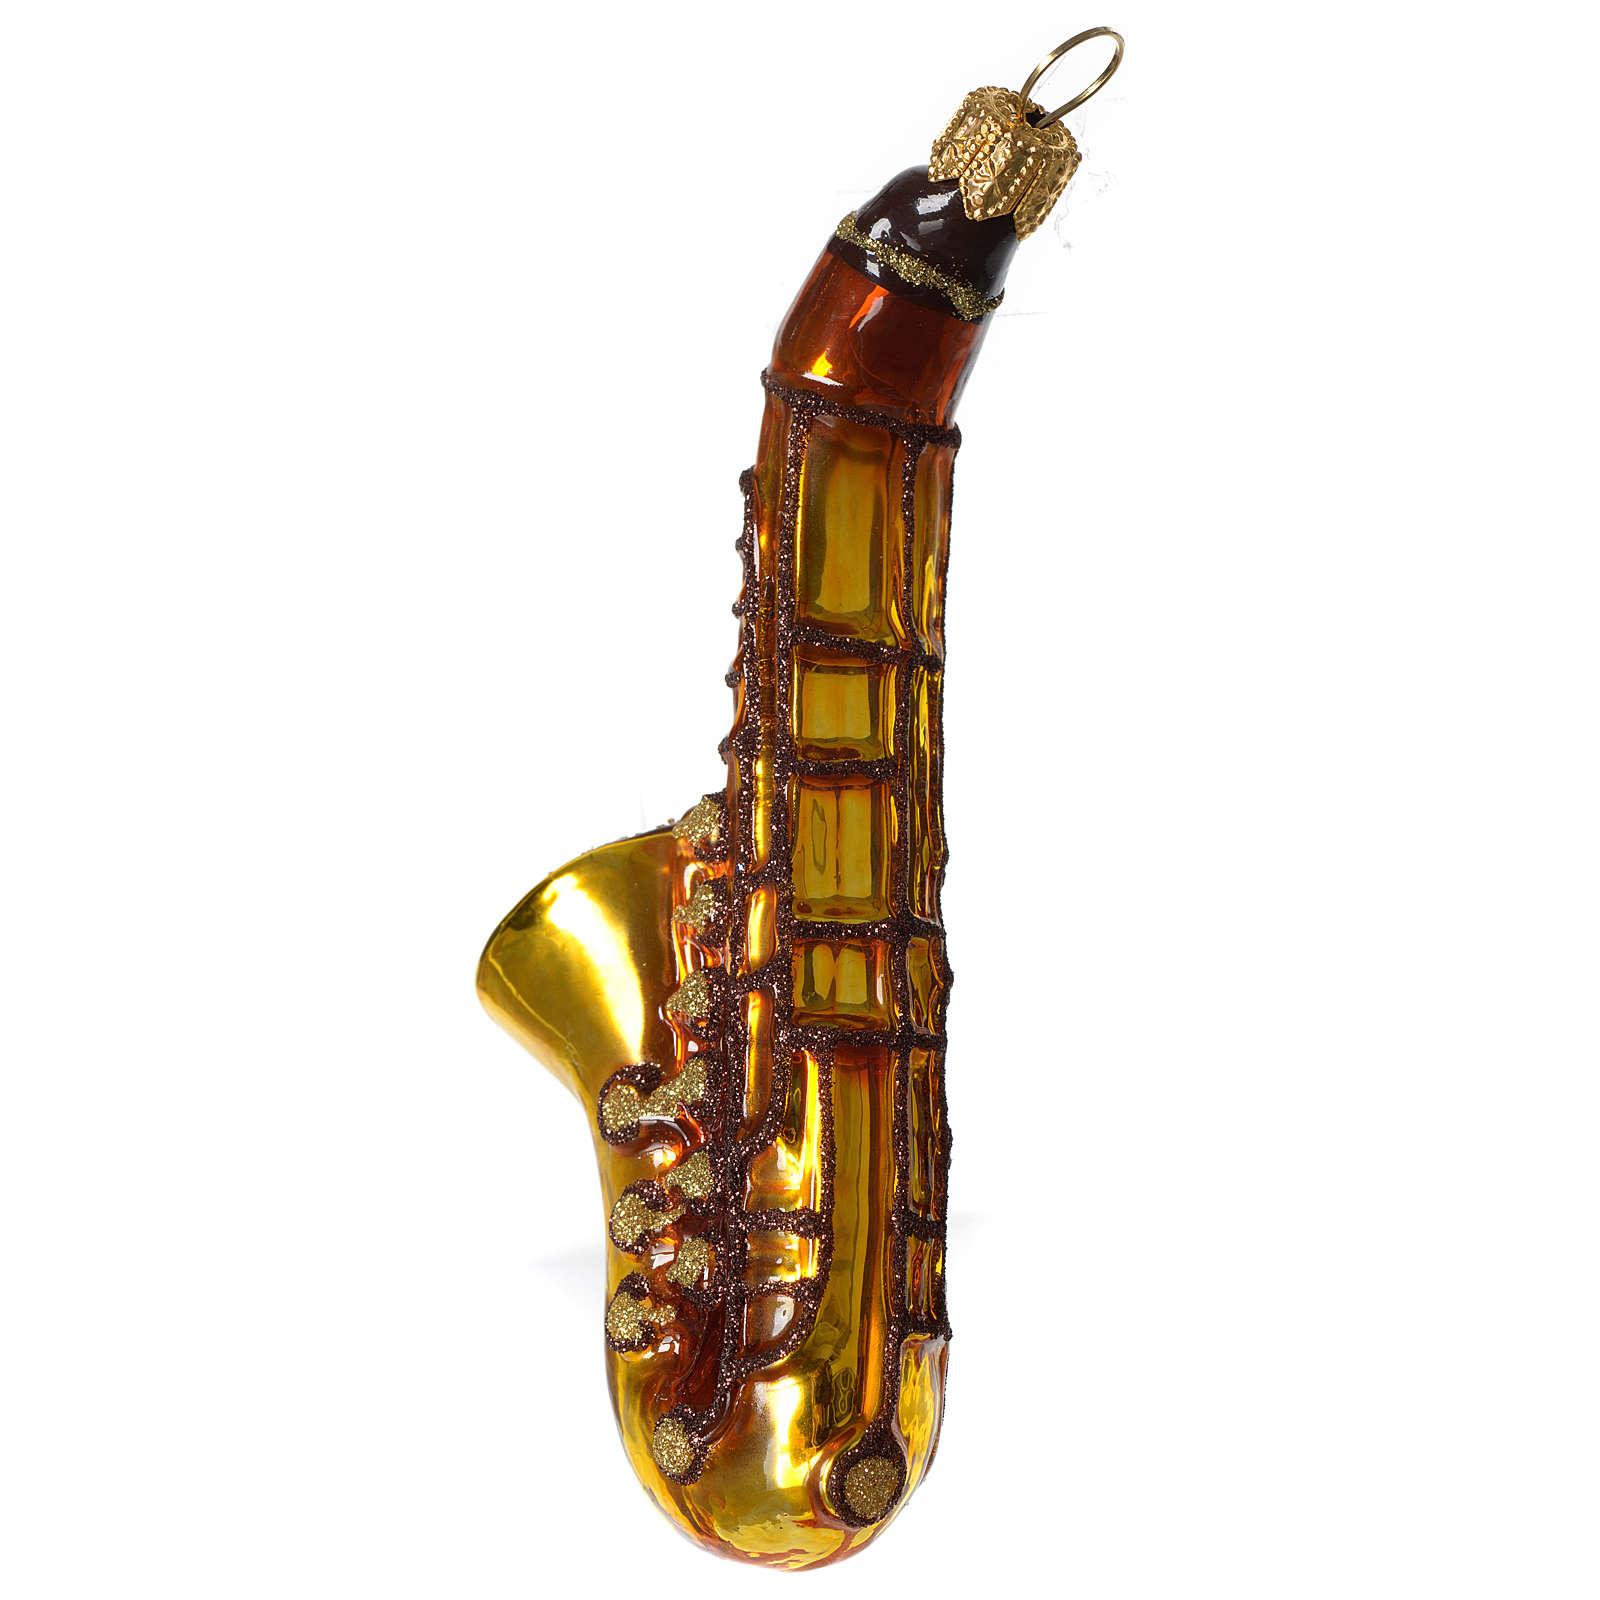 Saxophone décoration verre soufflé Sapin Noël 4